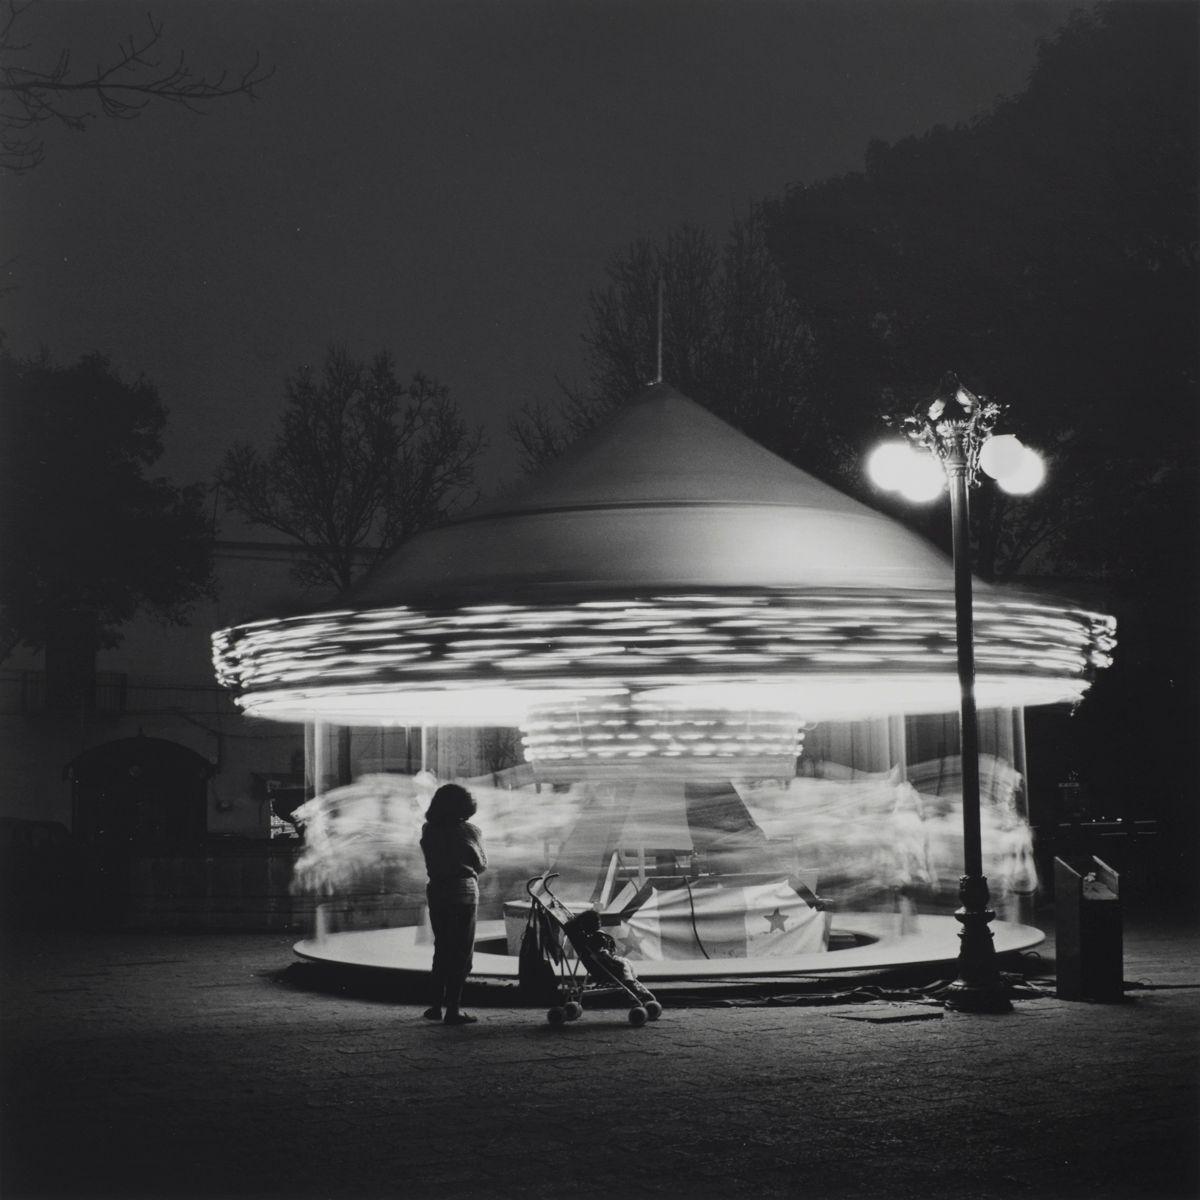 Turning Carousel, Tlaxcala